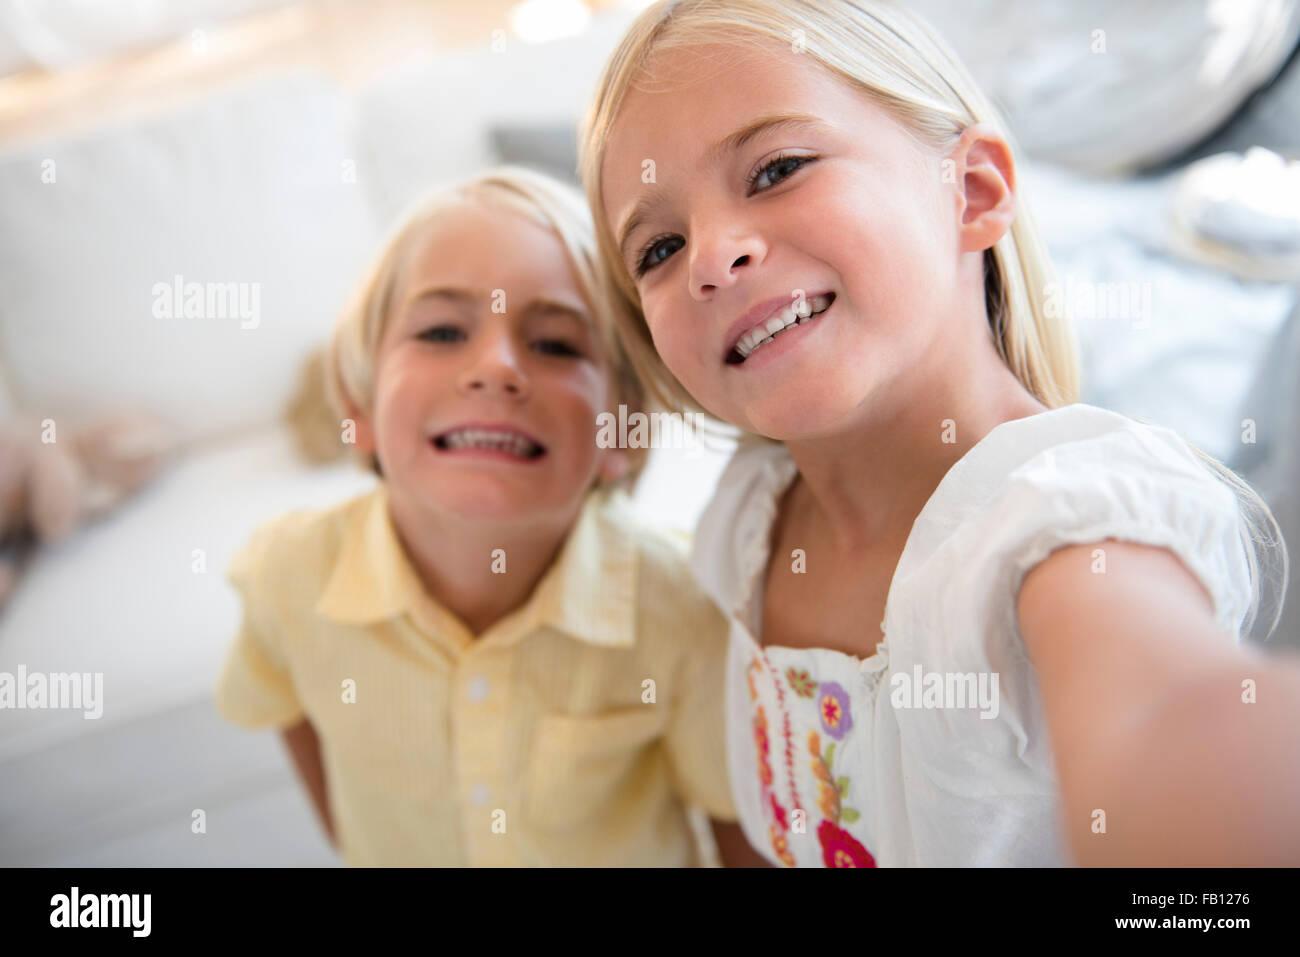 Girl (6-7) and boy (4-5) looking at camera - Stock Image